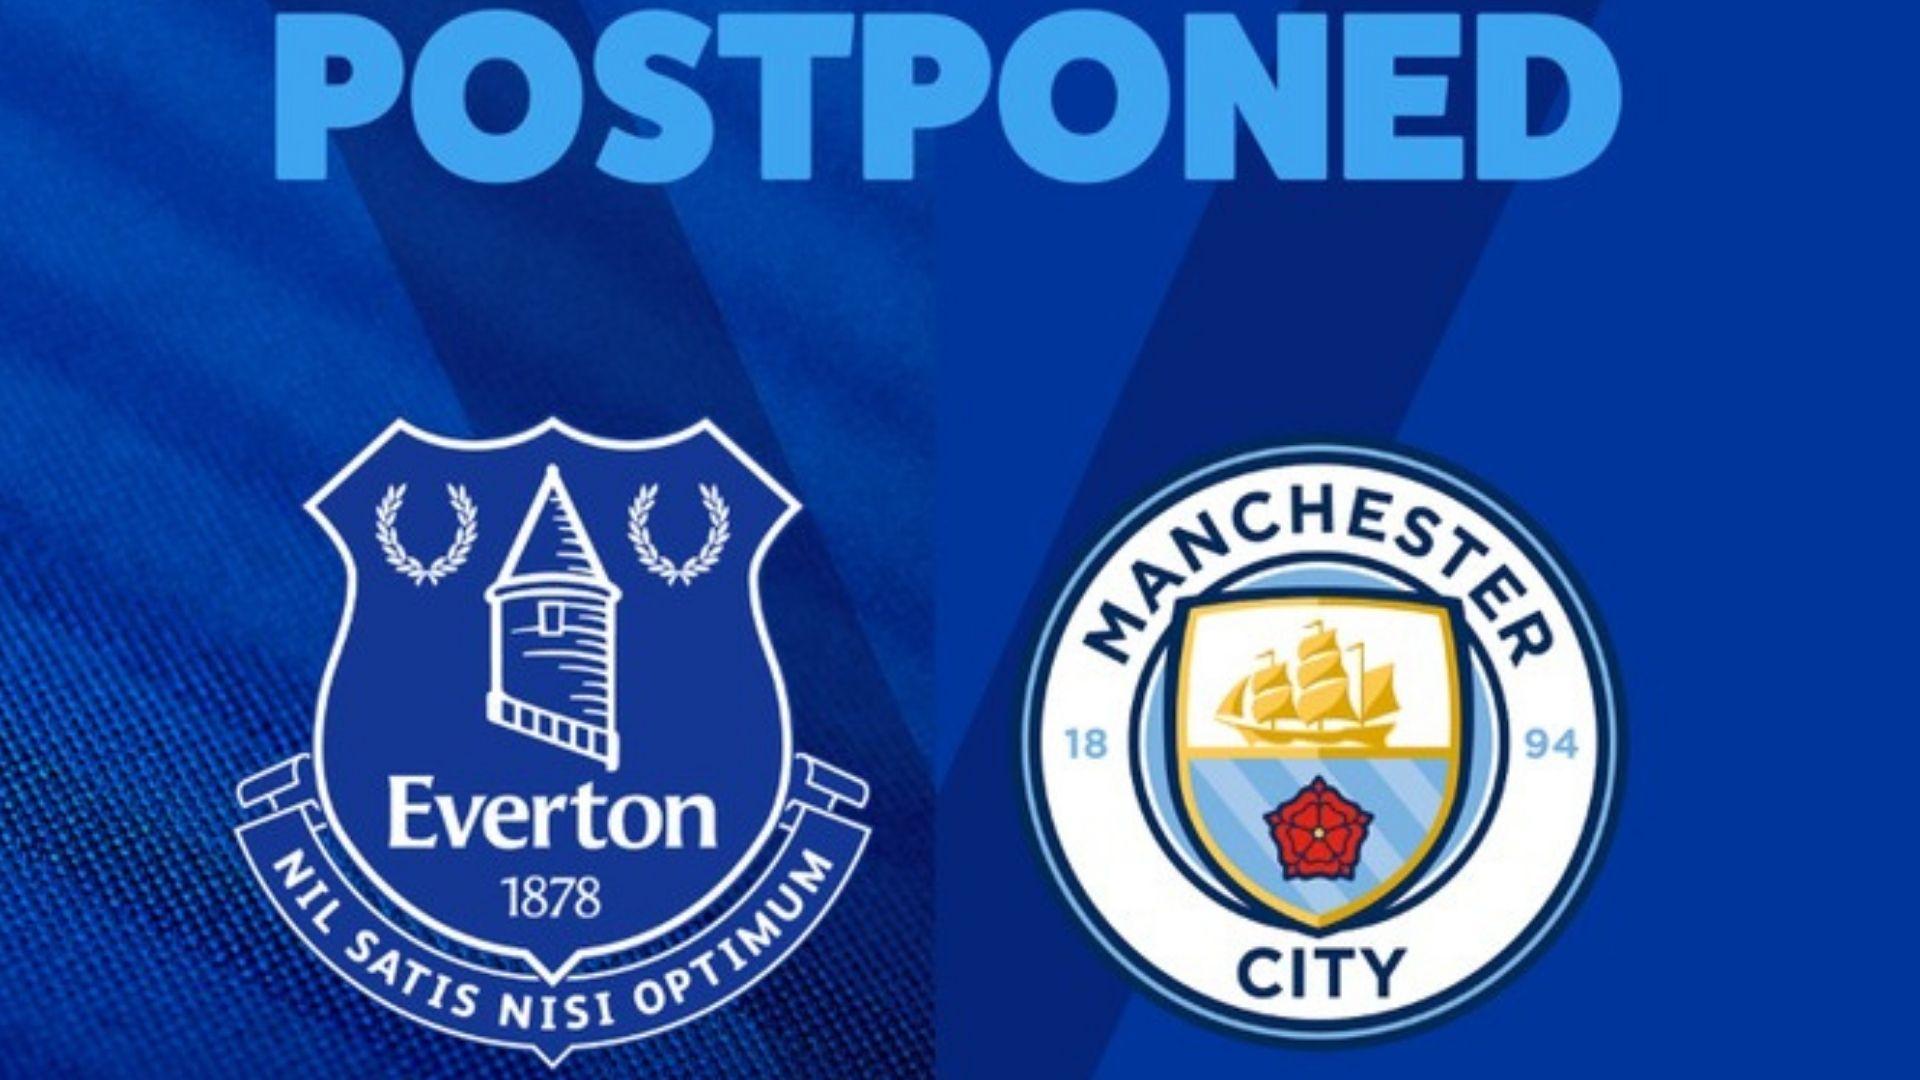 Aplazado el Everton Vs. Manchester City por contagios de COVID-19